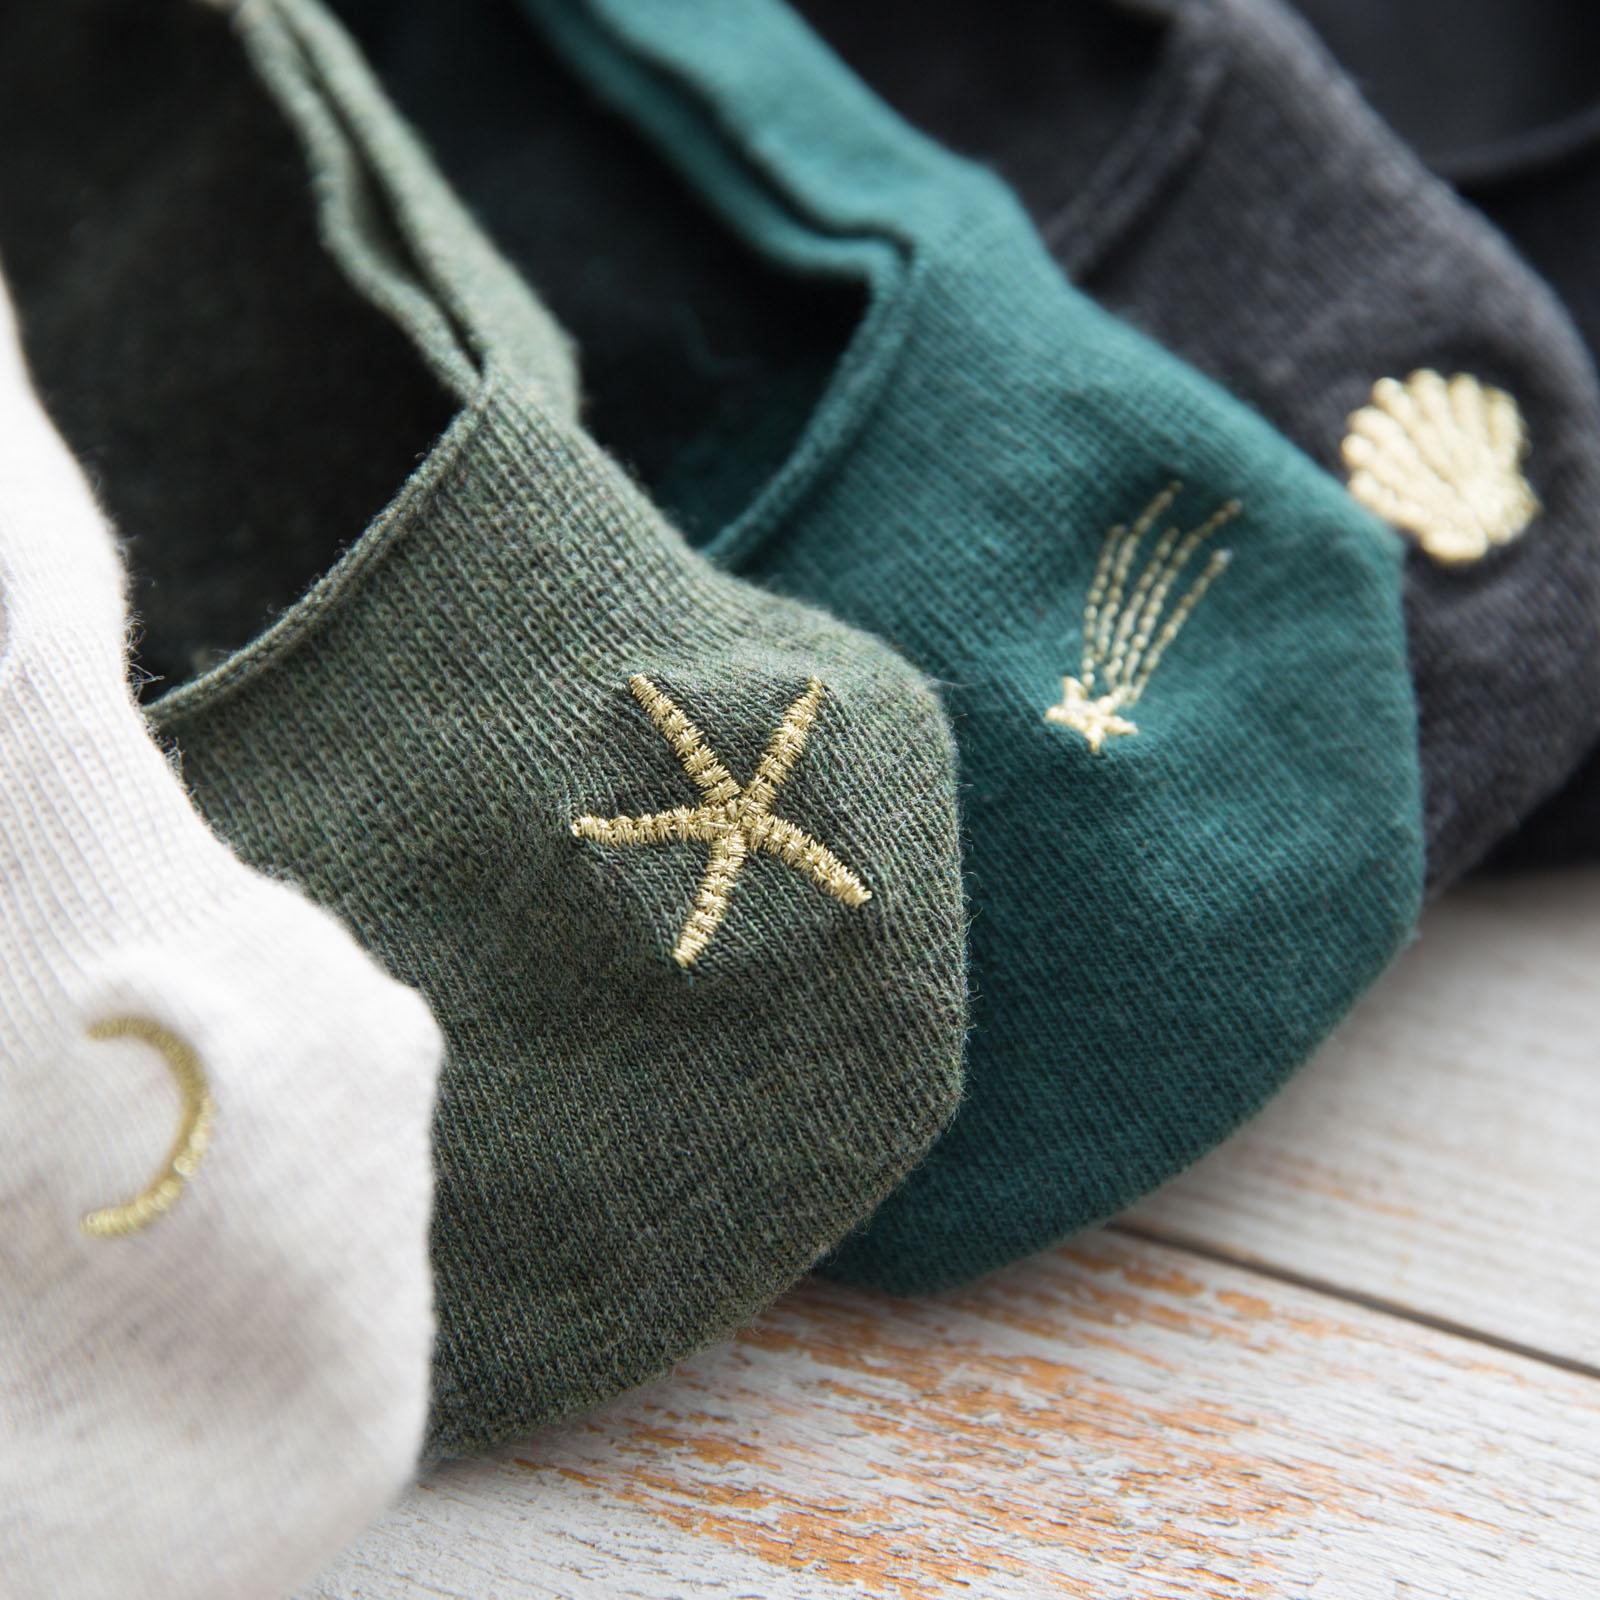 脚底袜子女船袜纯棉浅口韩国可爱硅胶防滑不掉跟隐形春秋冬季床袜